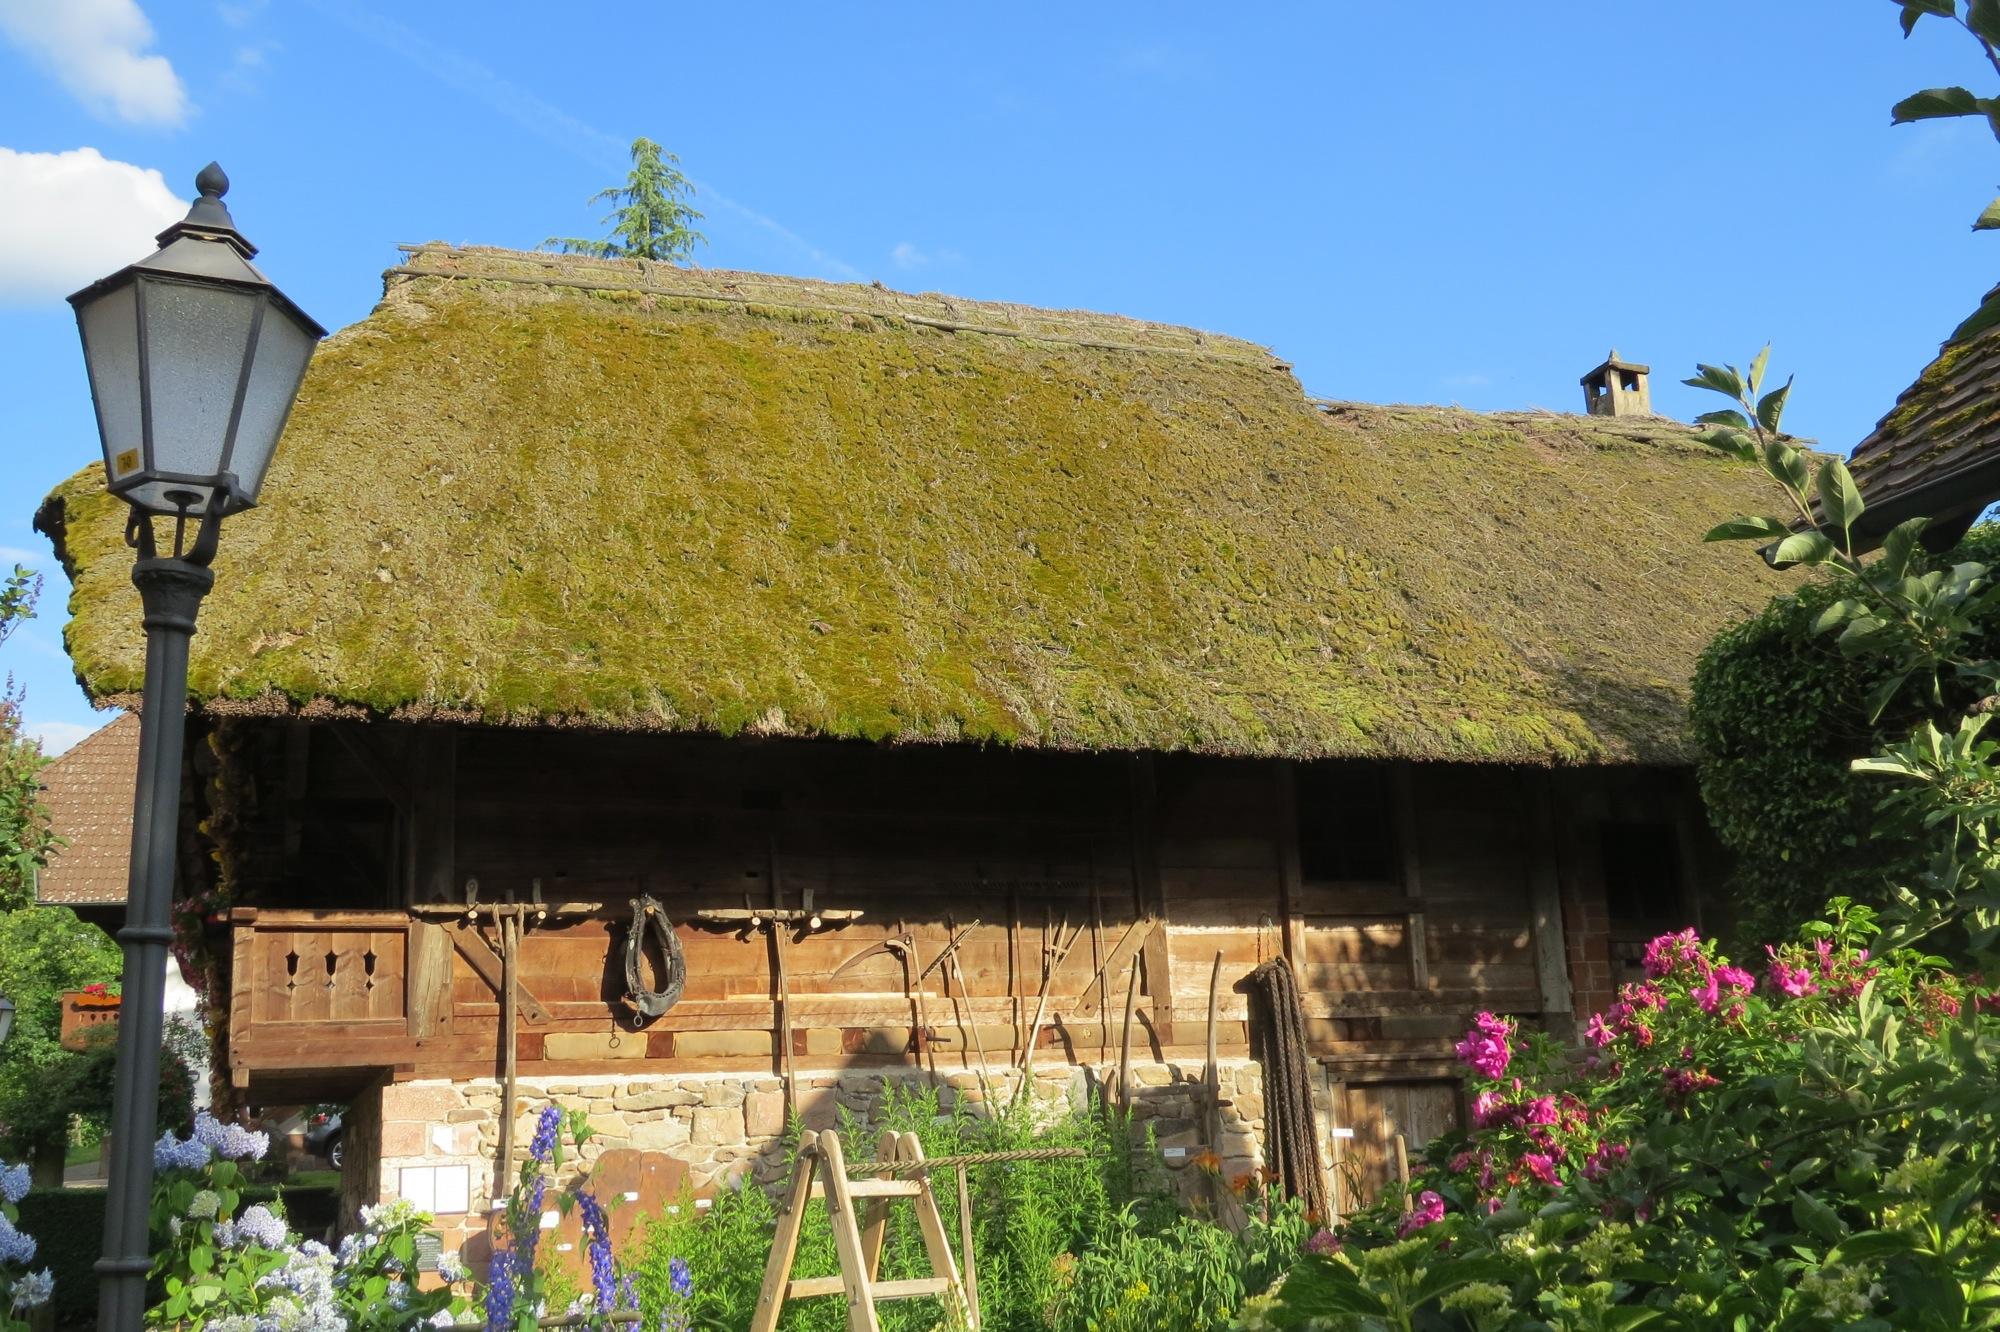 Malerisch Reetdach Kosten Foto Von Historischer Speicher Wird Komplett Mit Ziegeln Eingedeckt